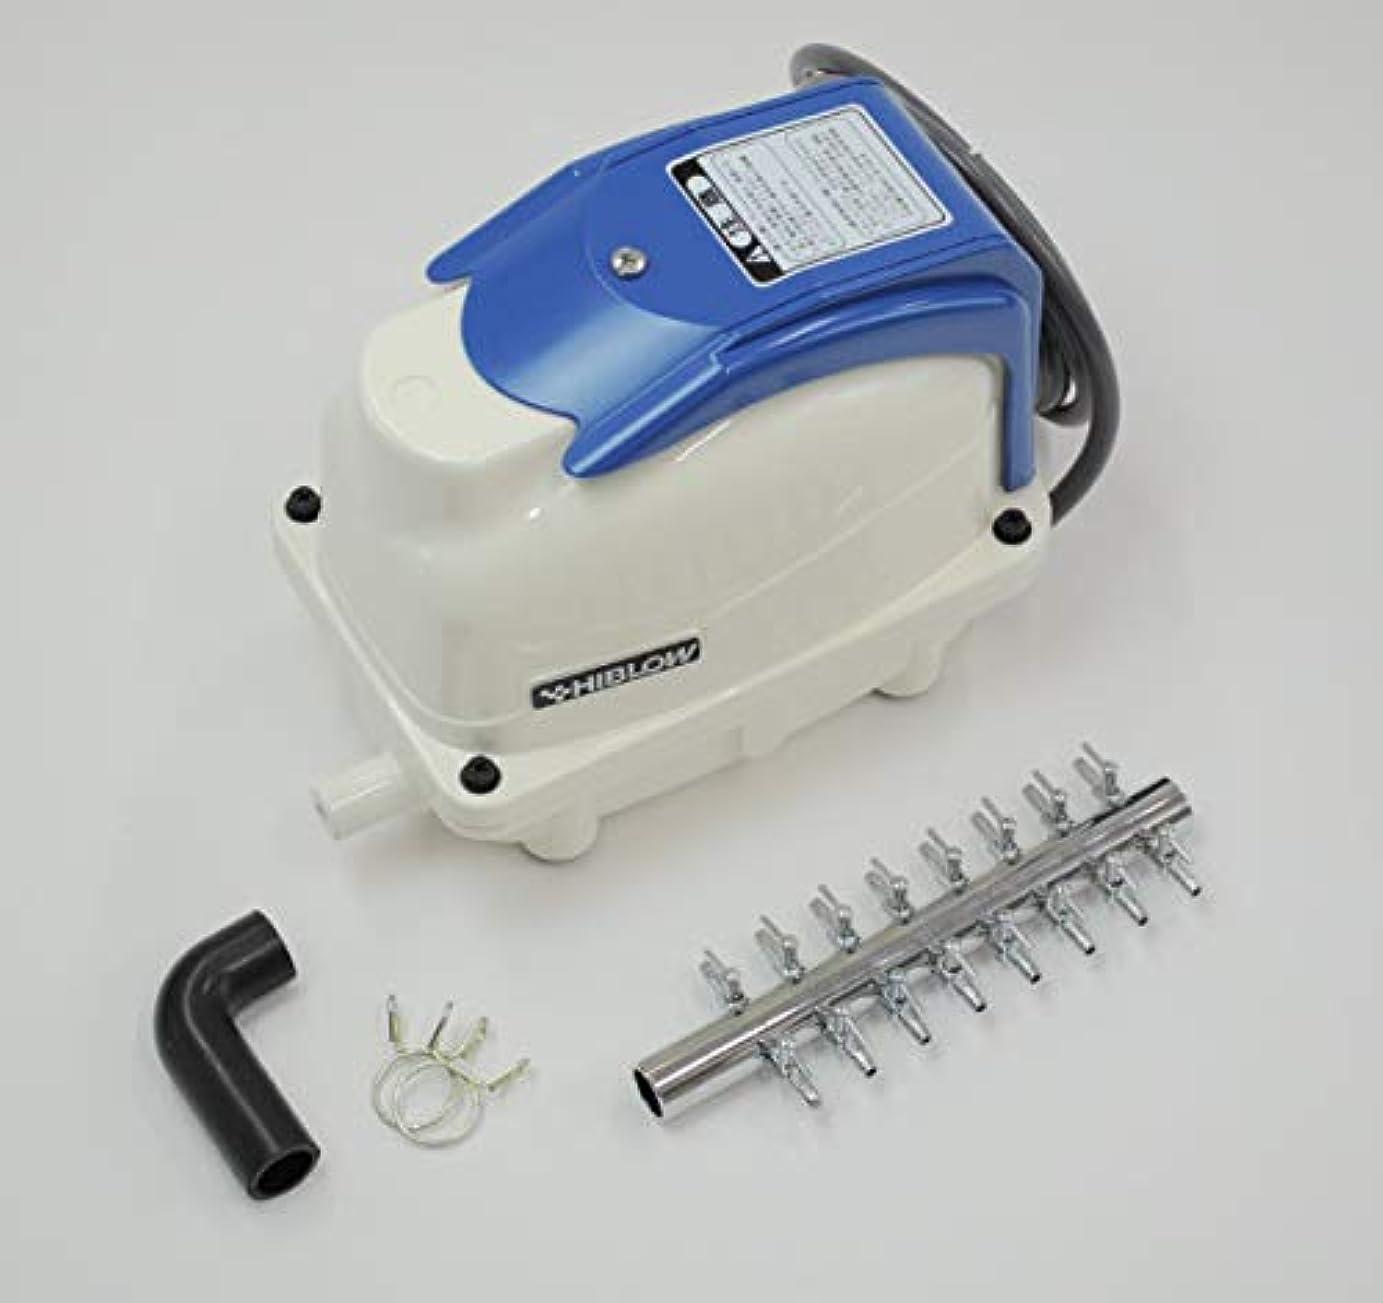 鎮静剤浅い甘やかすXP-40(16方分岐装置付き)テクノ高槻 エアーポンプ ブロアー